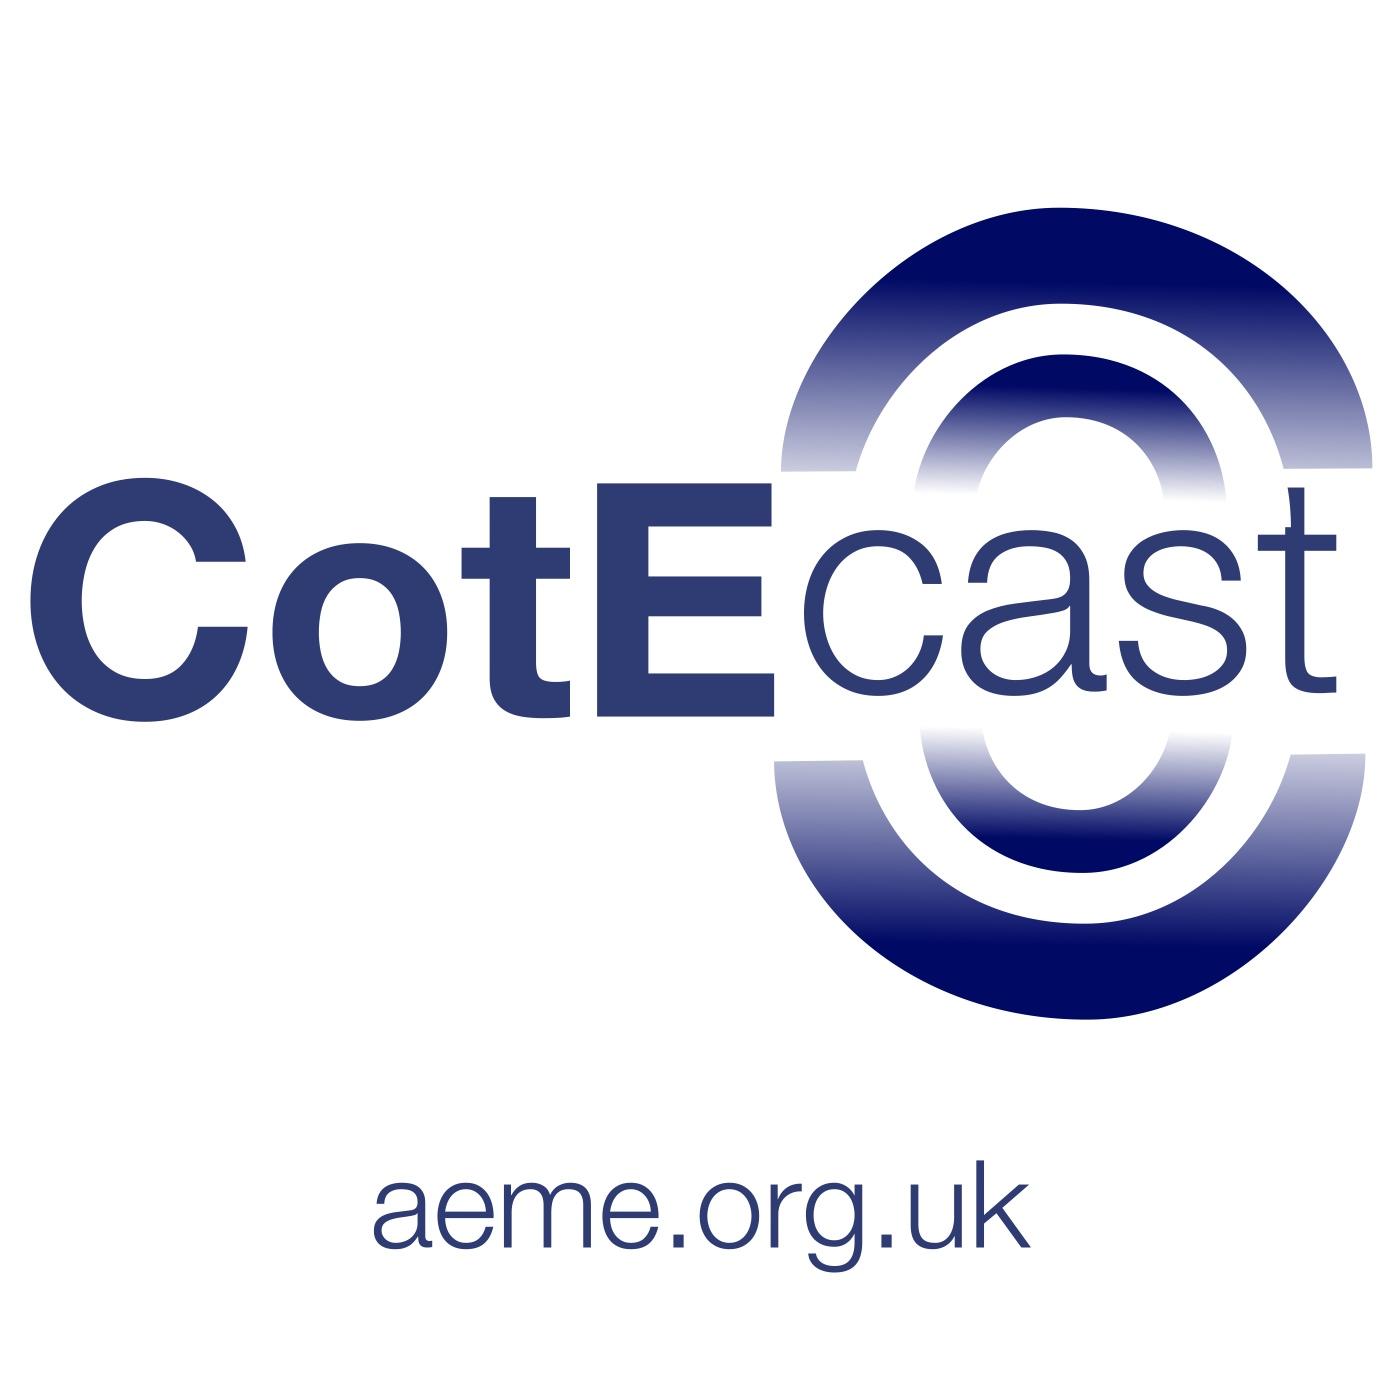 CotEcast show art